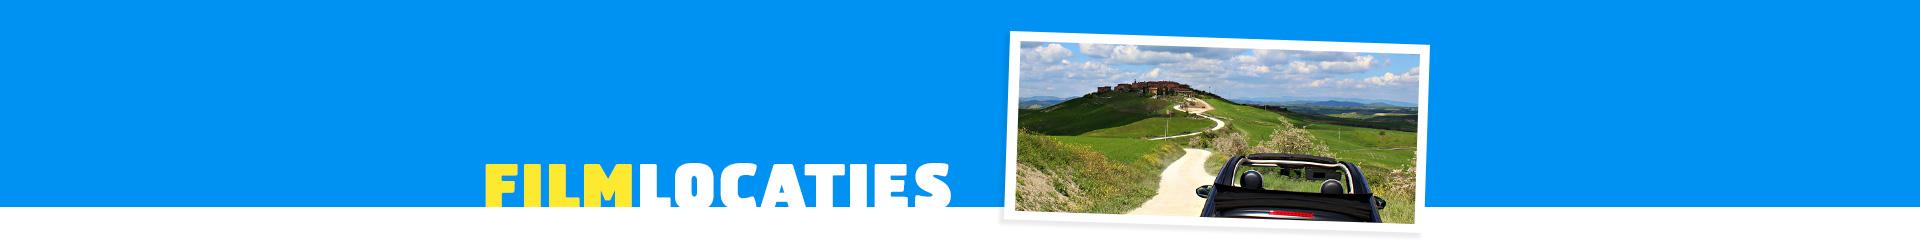 Filmlocatie Toscaanse Bruiloft - fiat door de bergen